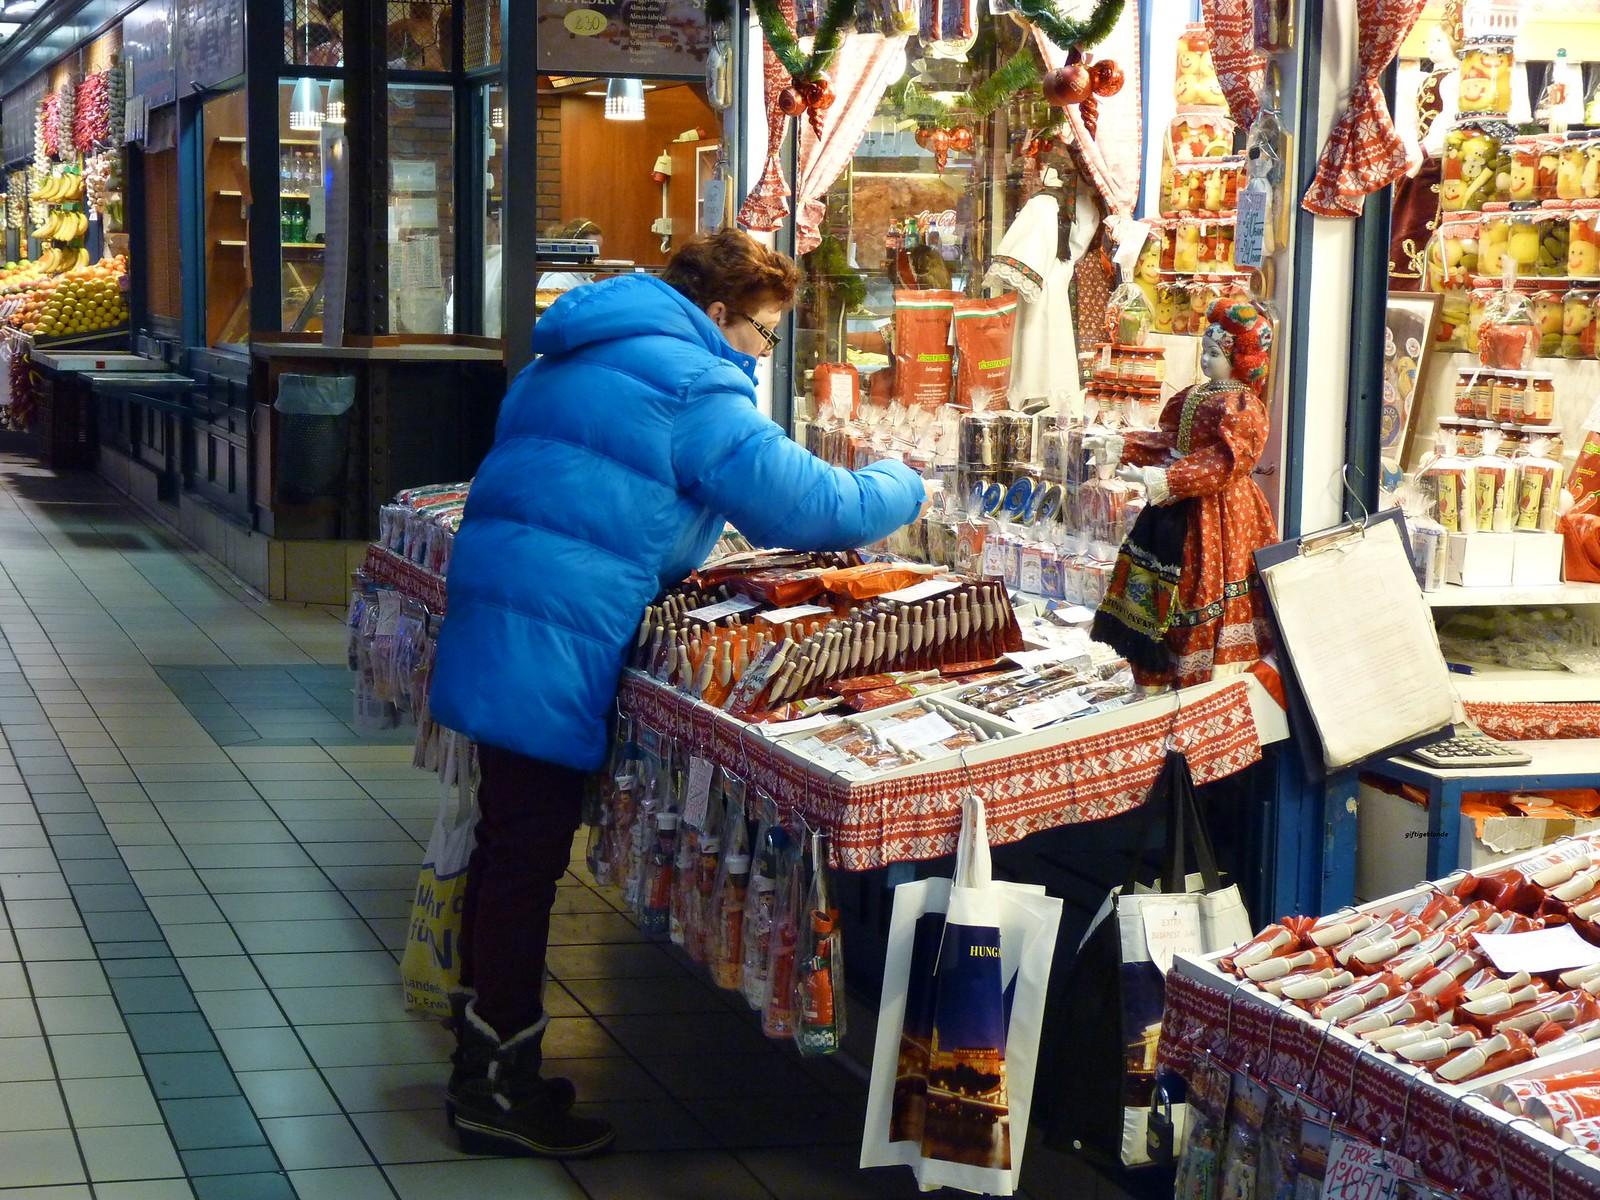 Samstag früh in Budapest am Markt, 6.30 h